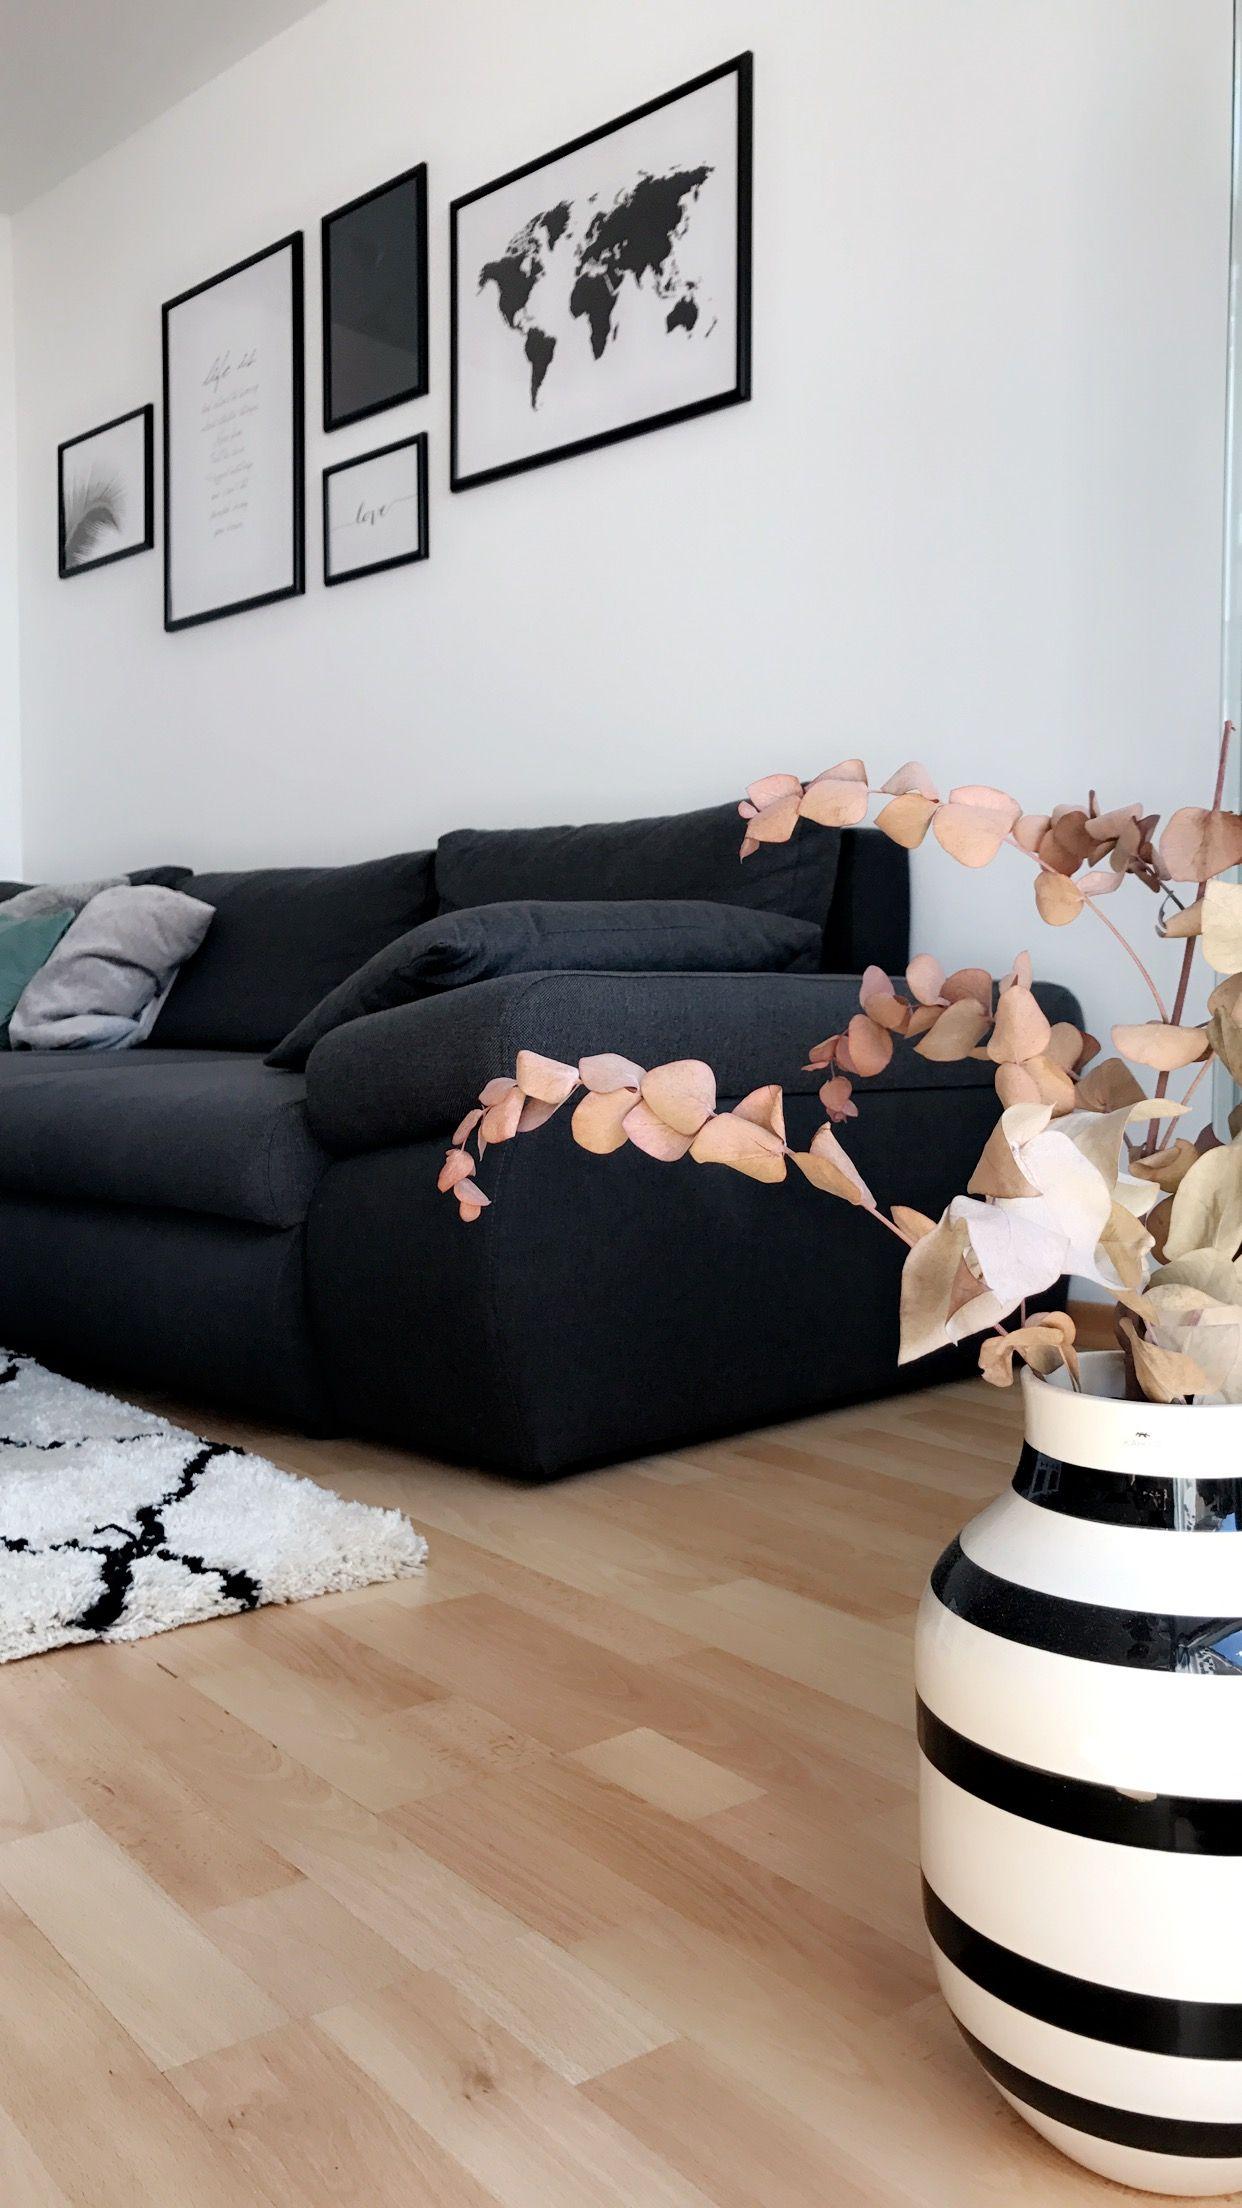 Vase Im Streifen Look! Die Handgefertigte Bodenvase In Streifenoptik Ist  Ein Absoluter Hingucker Im Wohnzimmer Von Melanie.